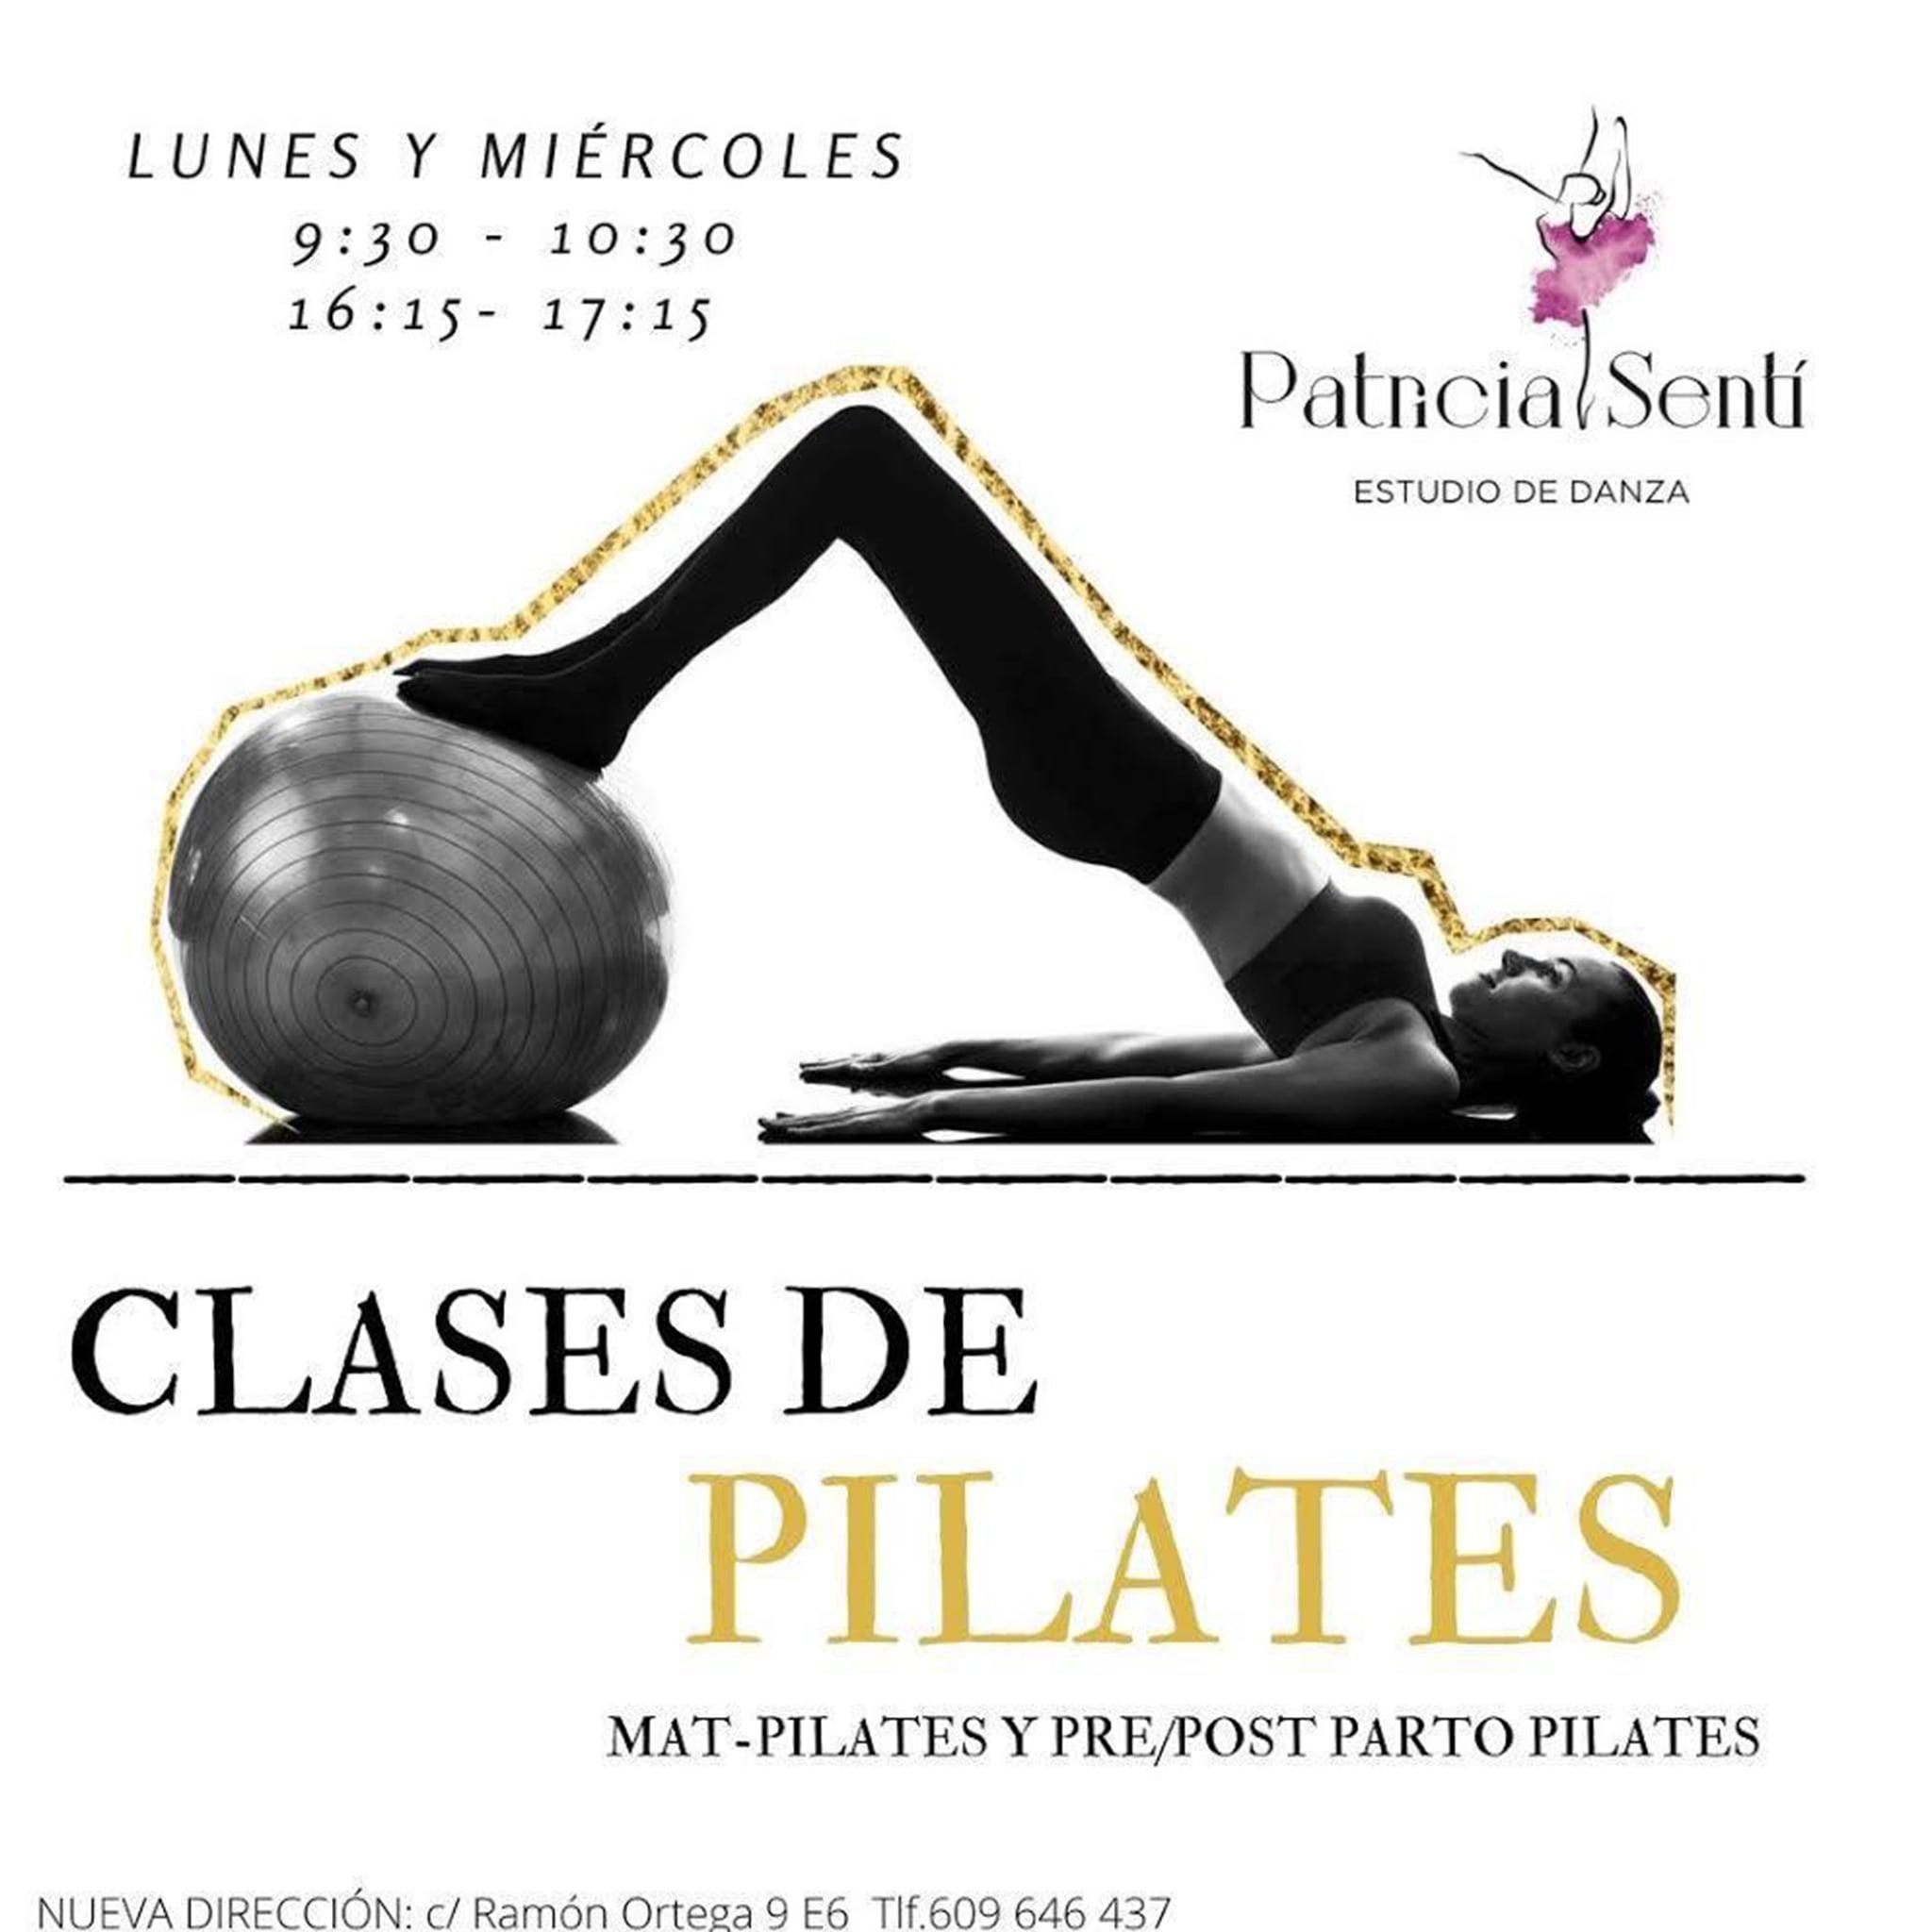 Cours de Pilates à Dénia - Patricia Sentí Dance Studio